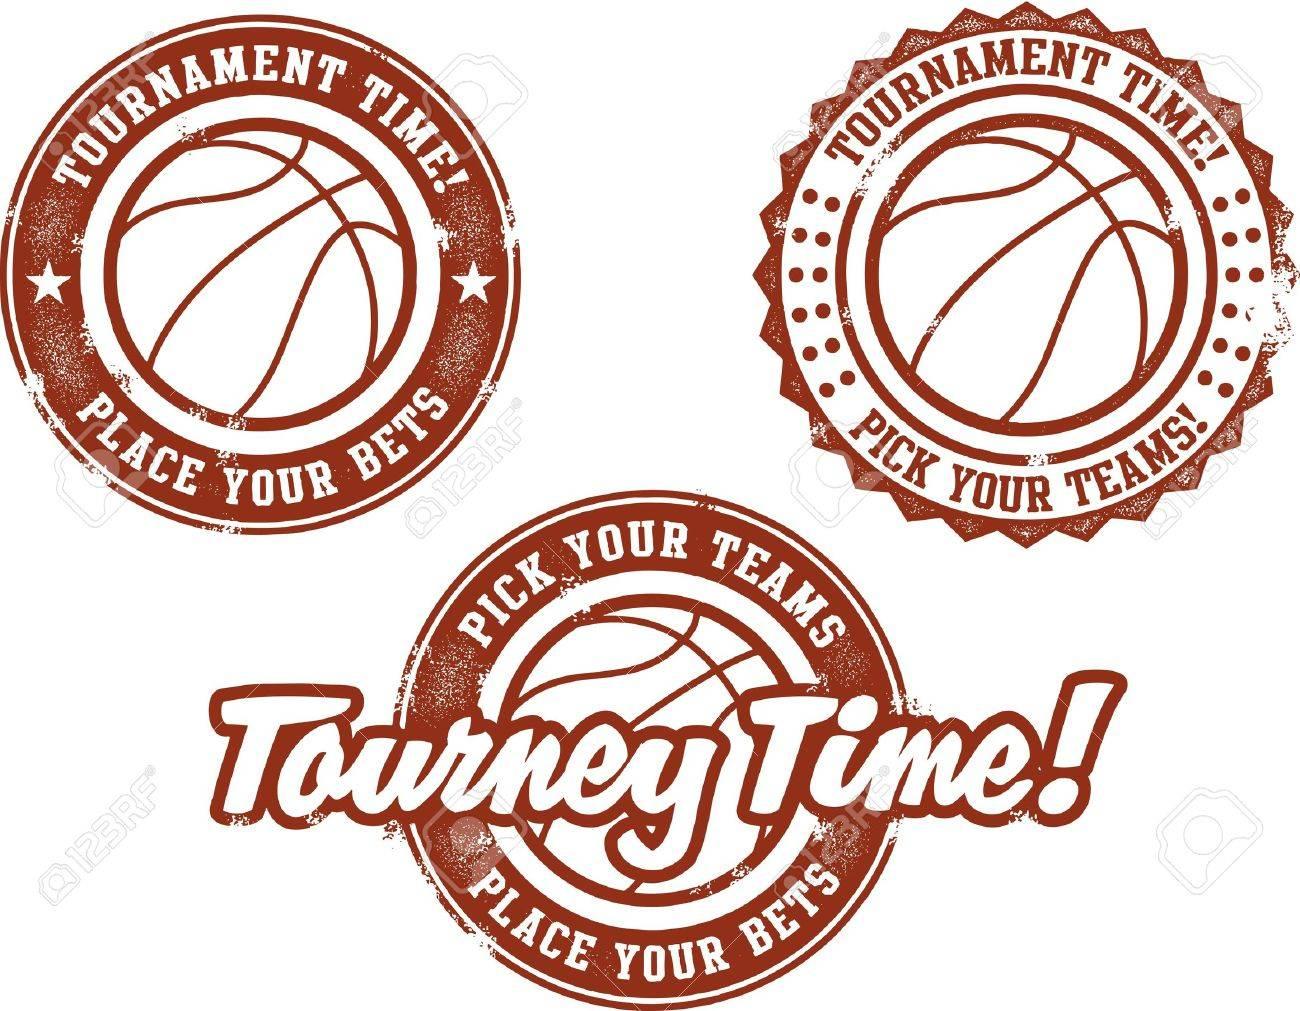 basketball Tournament Time - 14651243